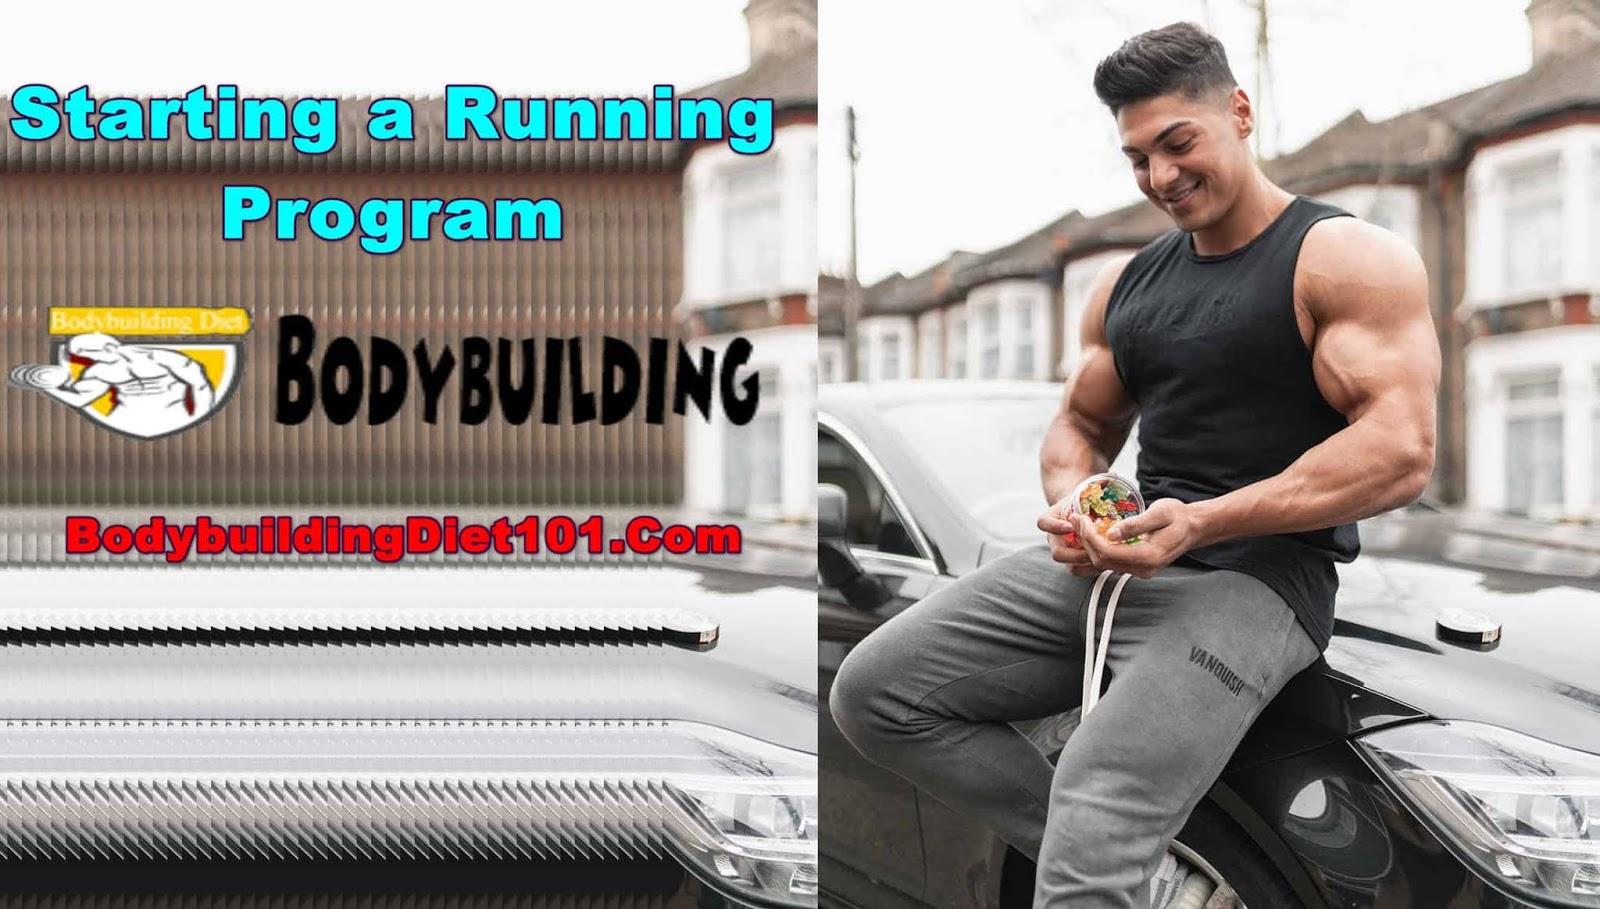 Starting a Running Program